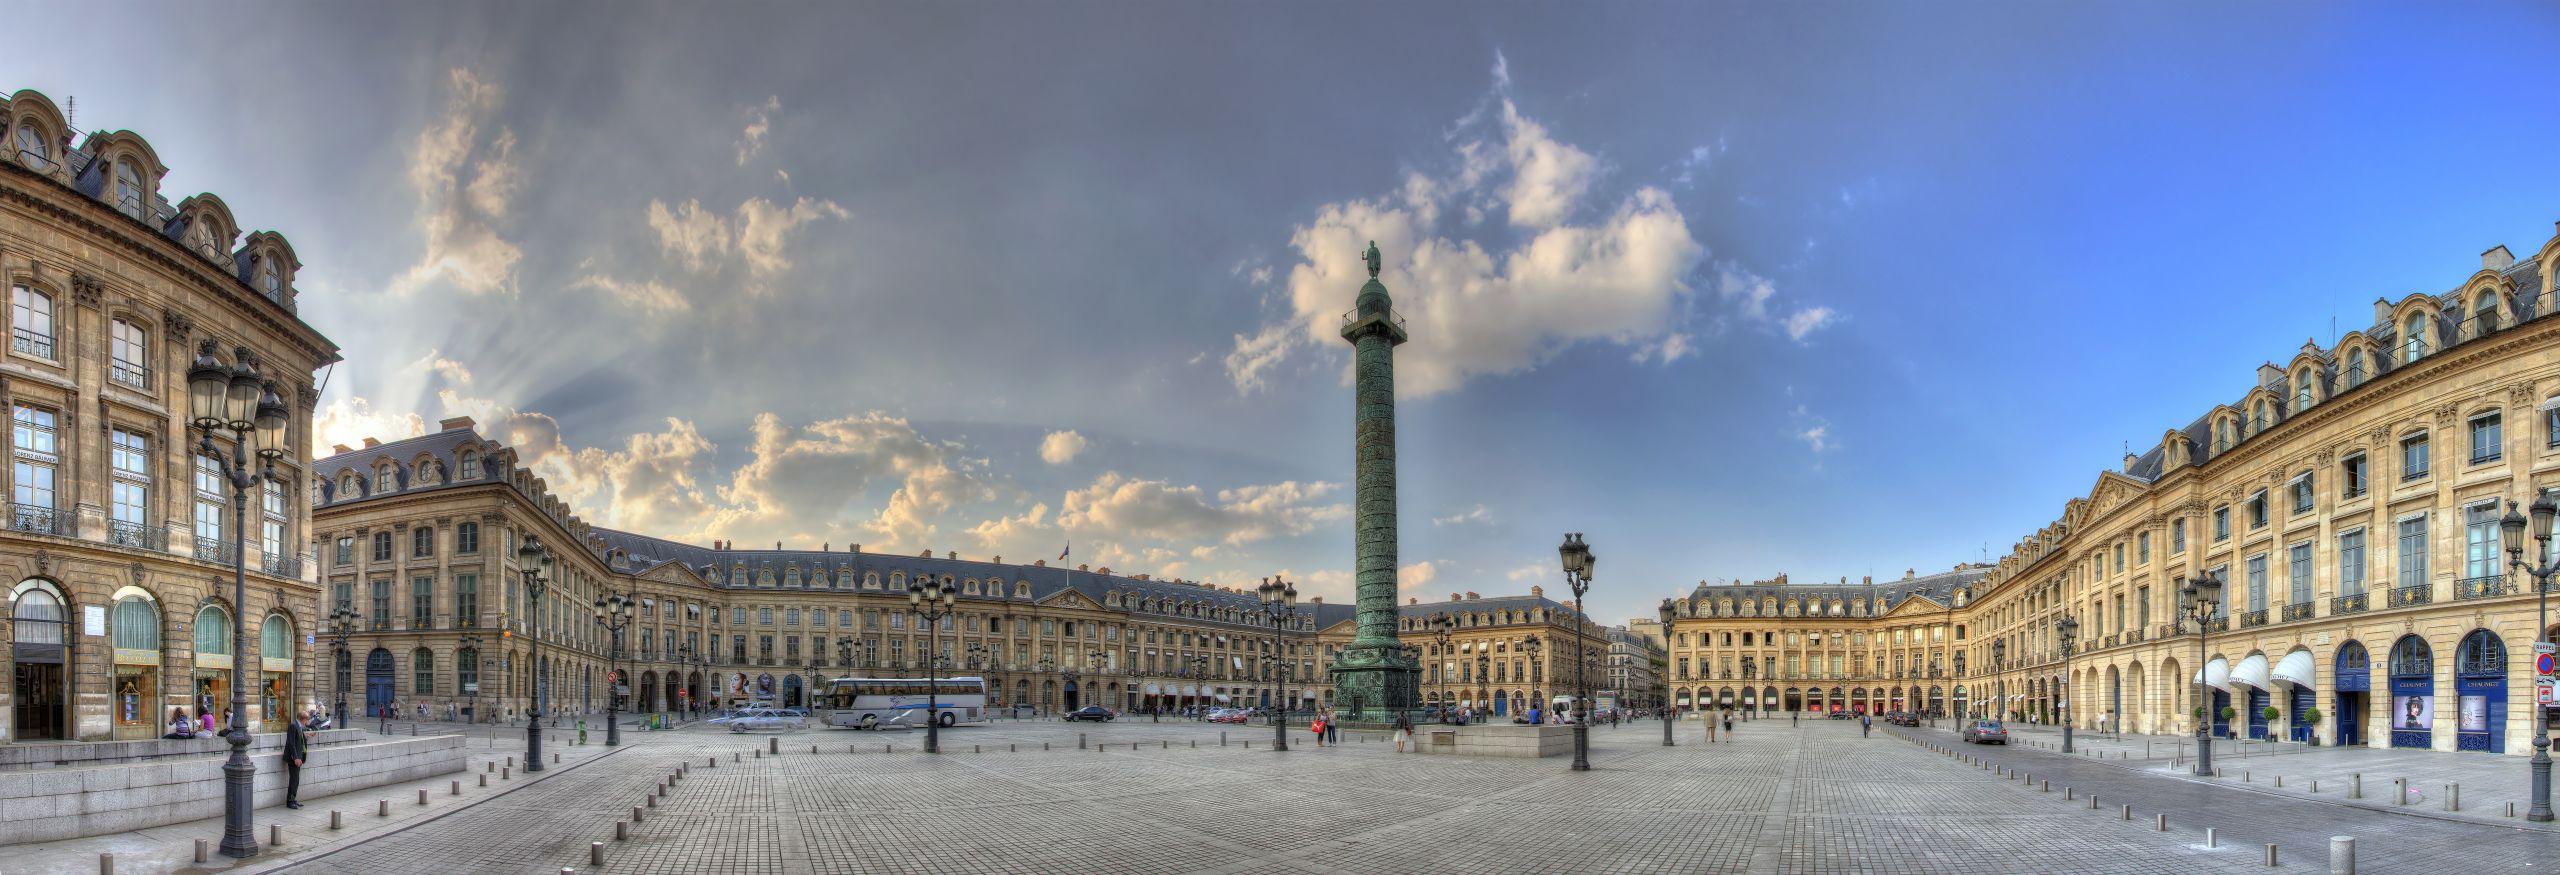 Place Vendome Paris 20 April 2011